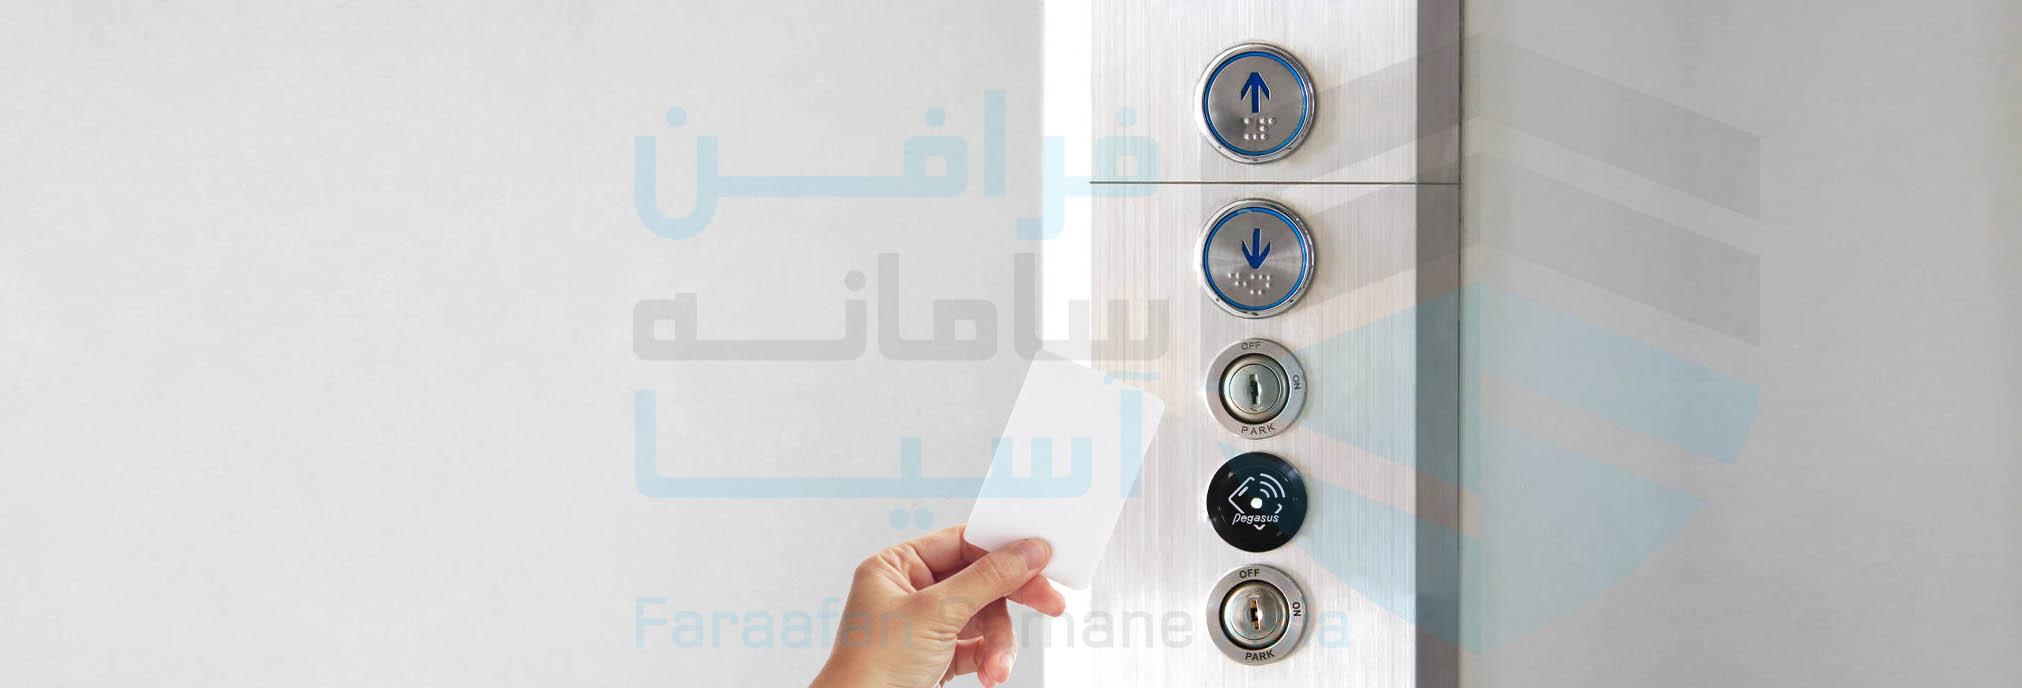 کنترل تردد اسانسور ، ریدرهای rfid اسانسور